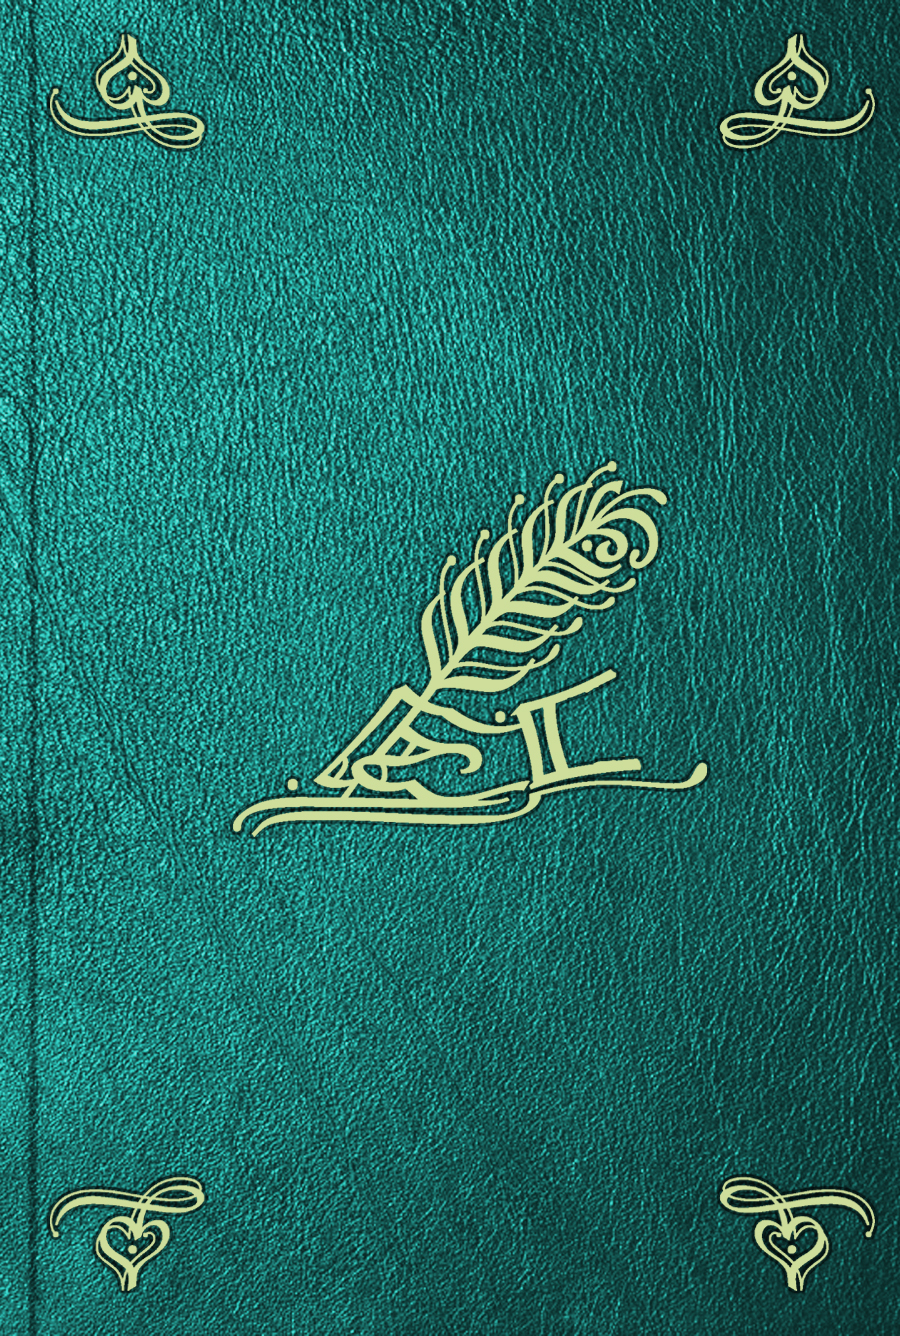 Corneille Le Brun Voyages de Corneille Le Brun par la Moscovie, en Perse, et aux Index orientales. T. 3 john chardin voyages du chevalier chardin en perse et autres lieux de l orient t 4